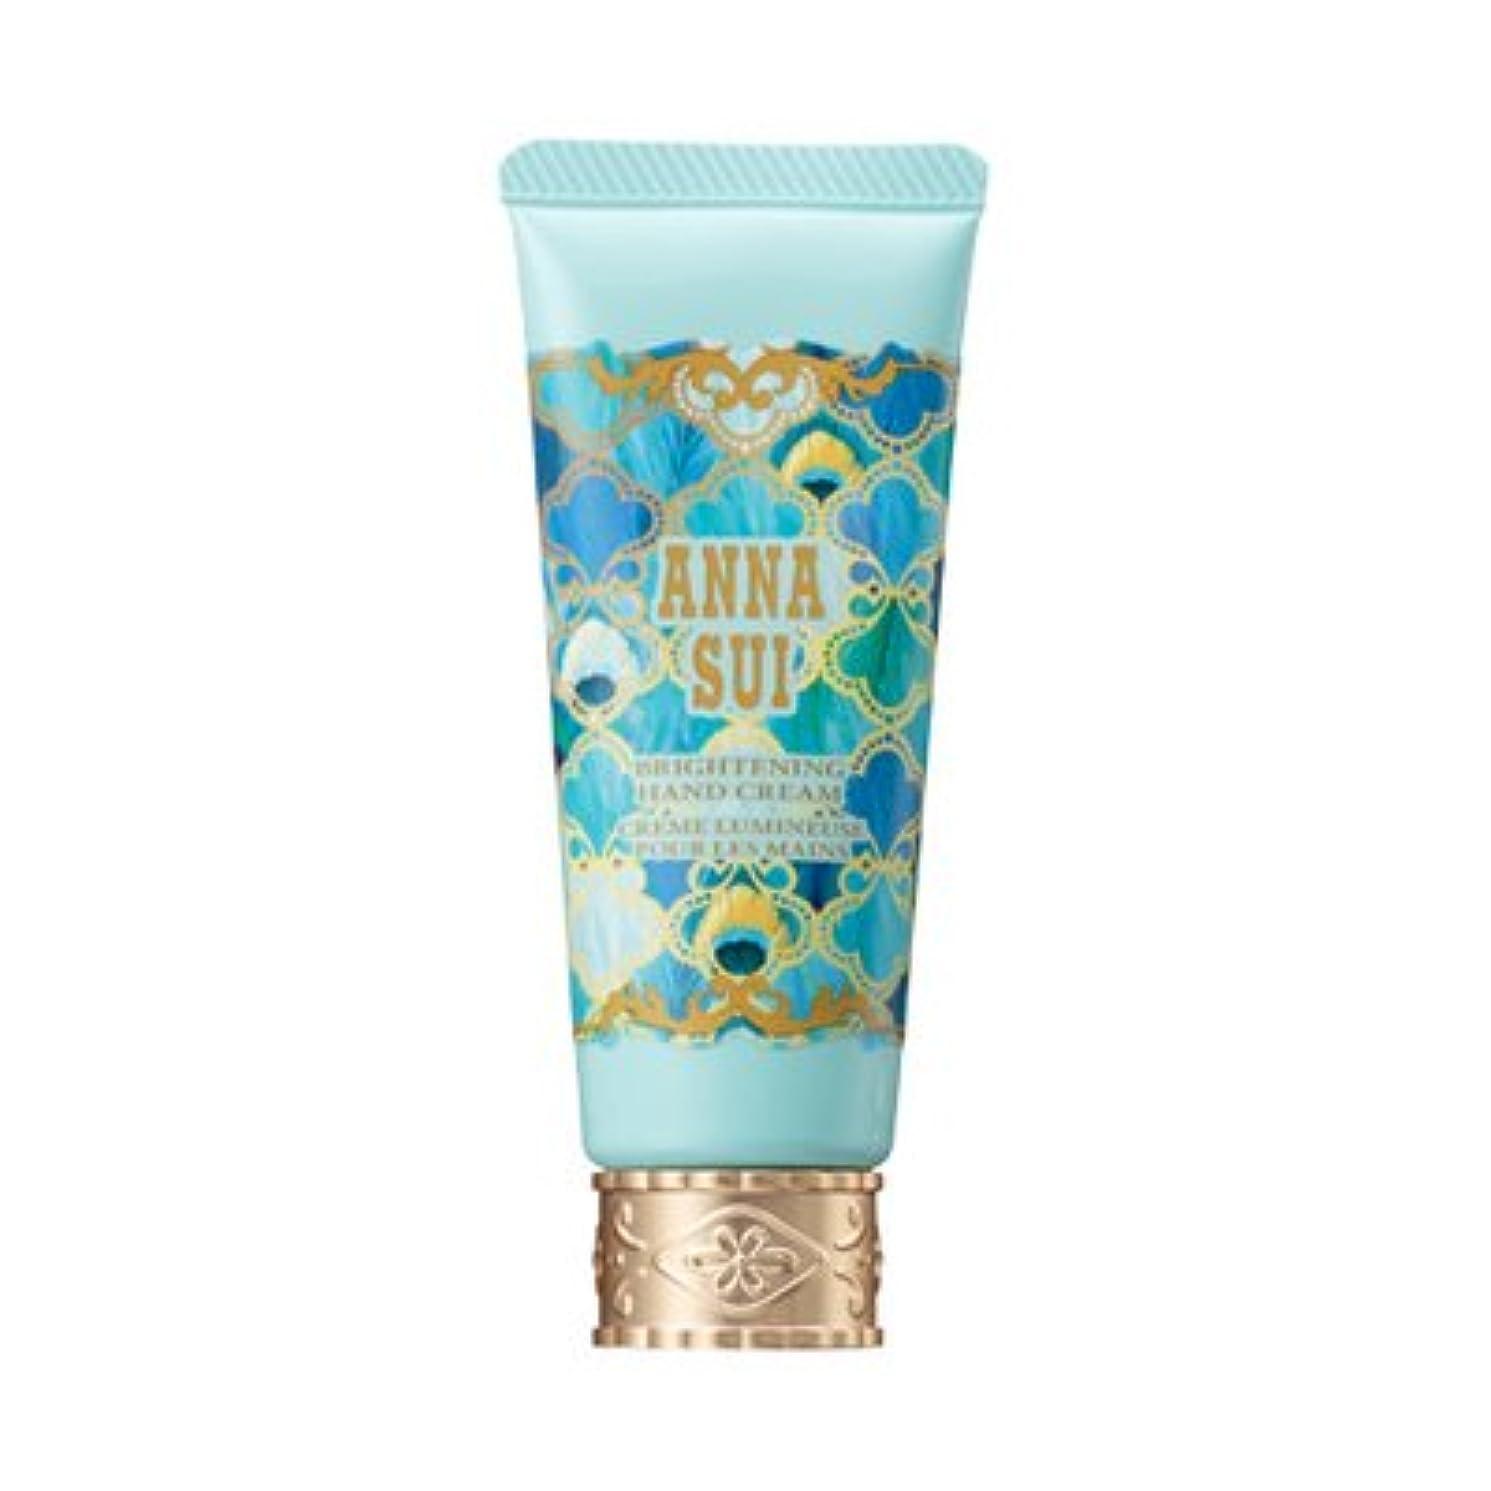 シャーク力強い価値ANNA SUI / アナ スイ アナスイ ブライトニングハンドクリーム 40g [並行輸入品]